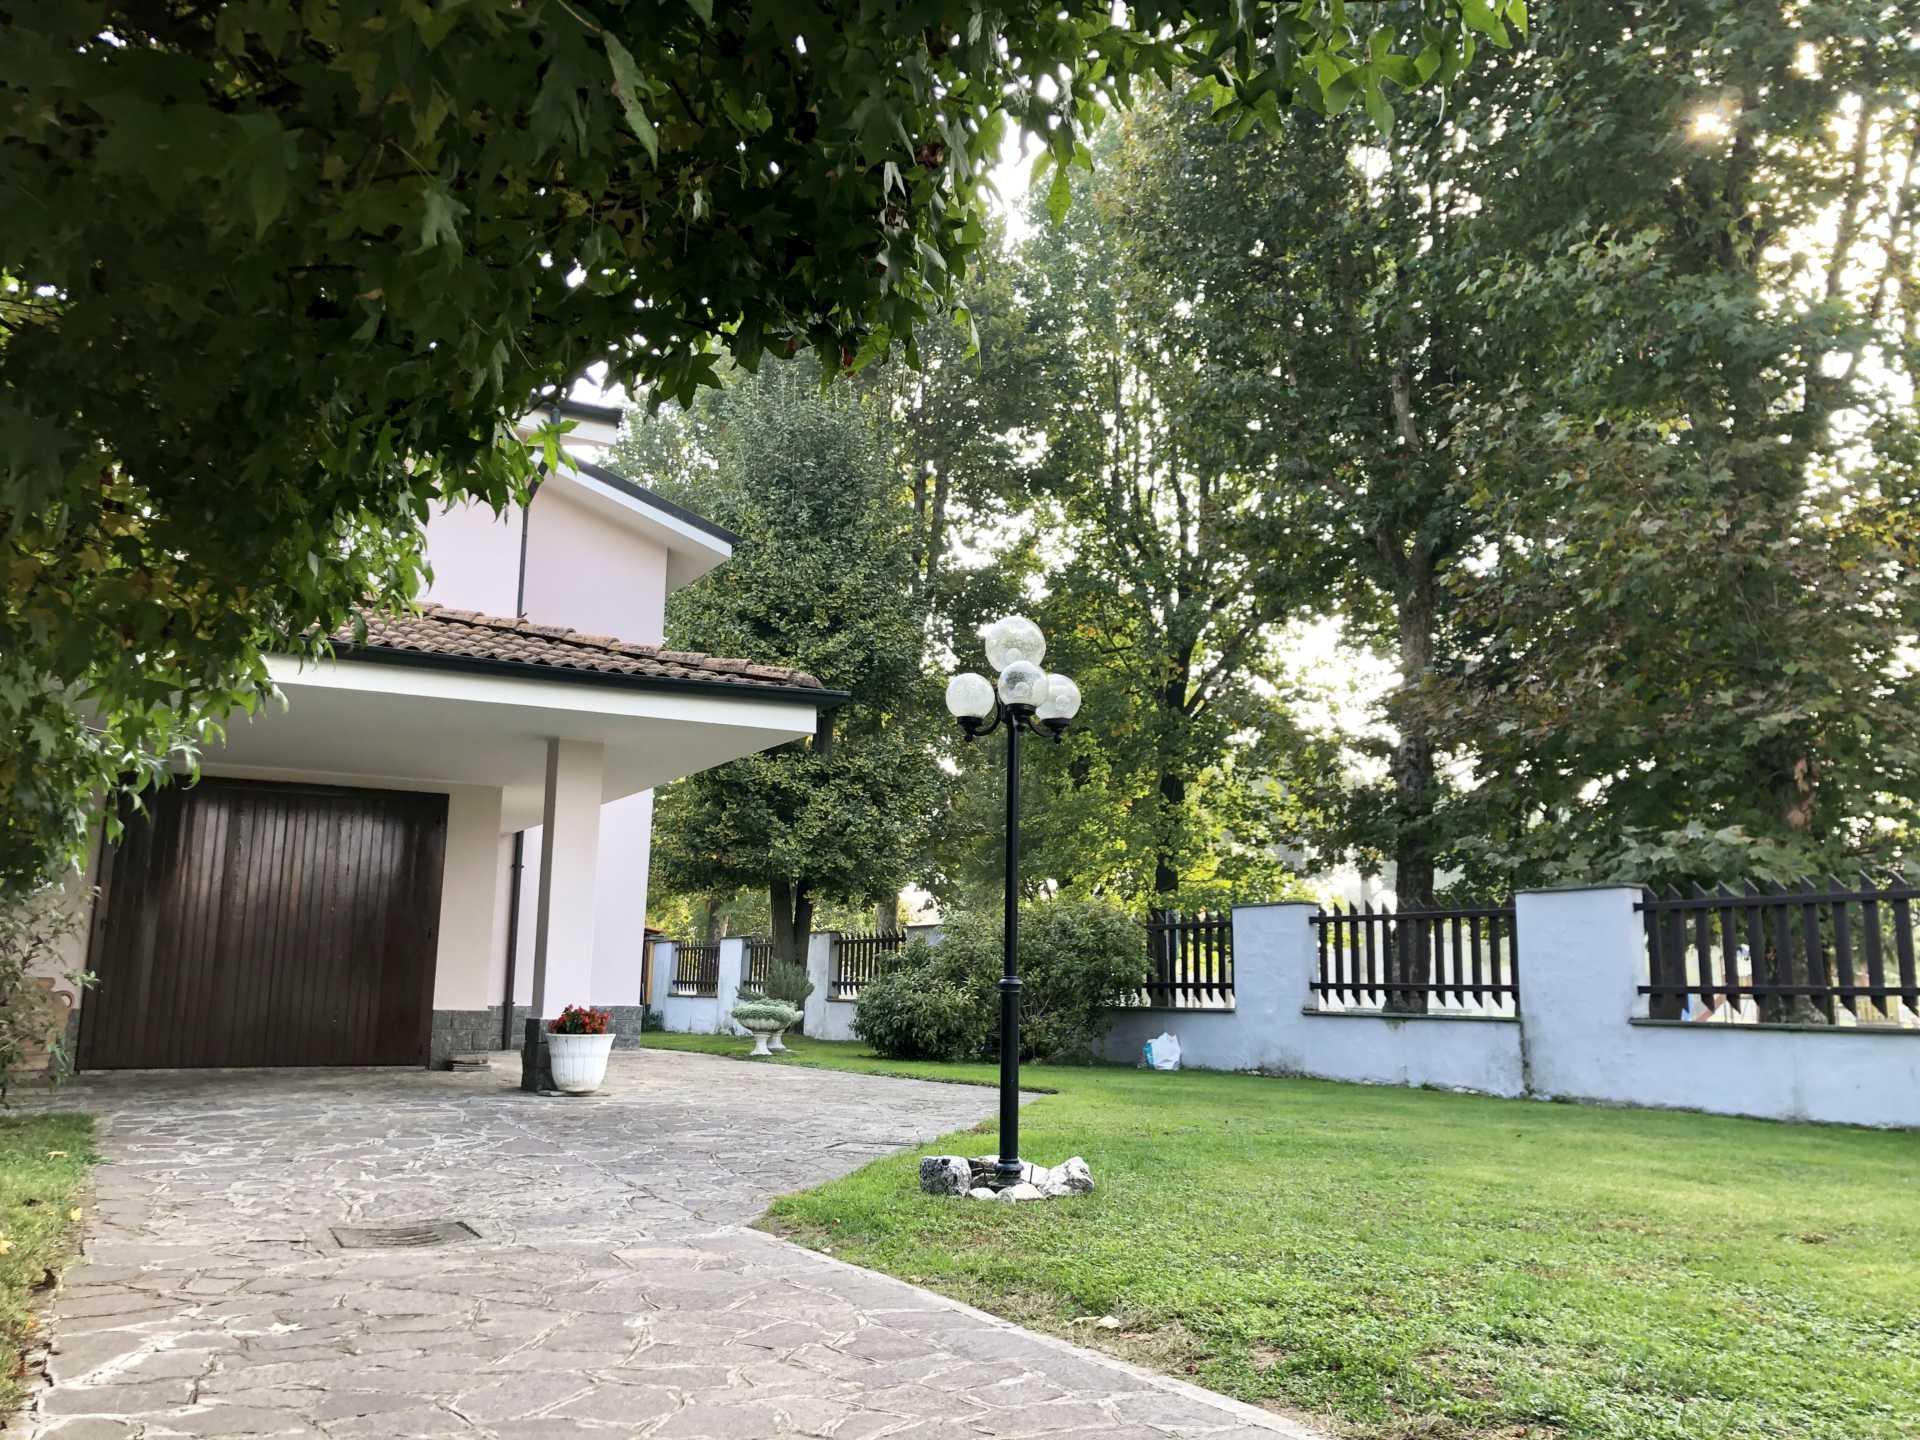 Villa-singola-in-vendita-a-Massalengo (14)